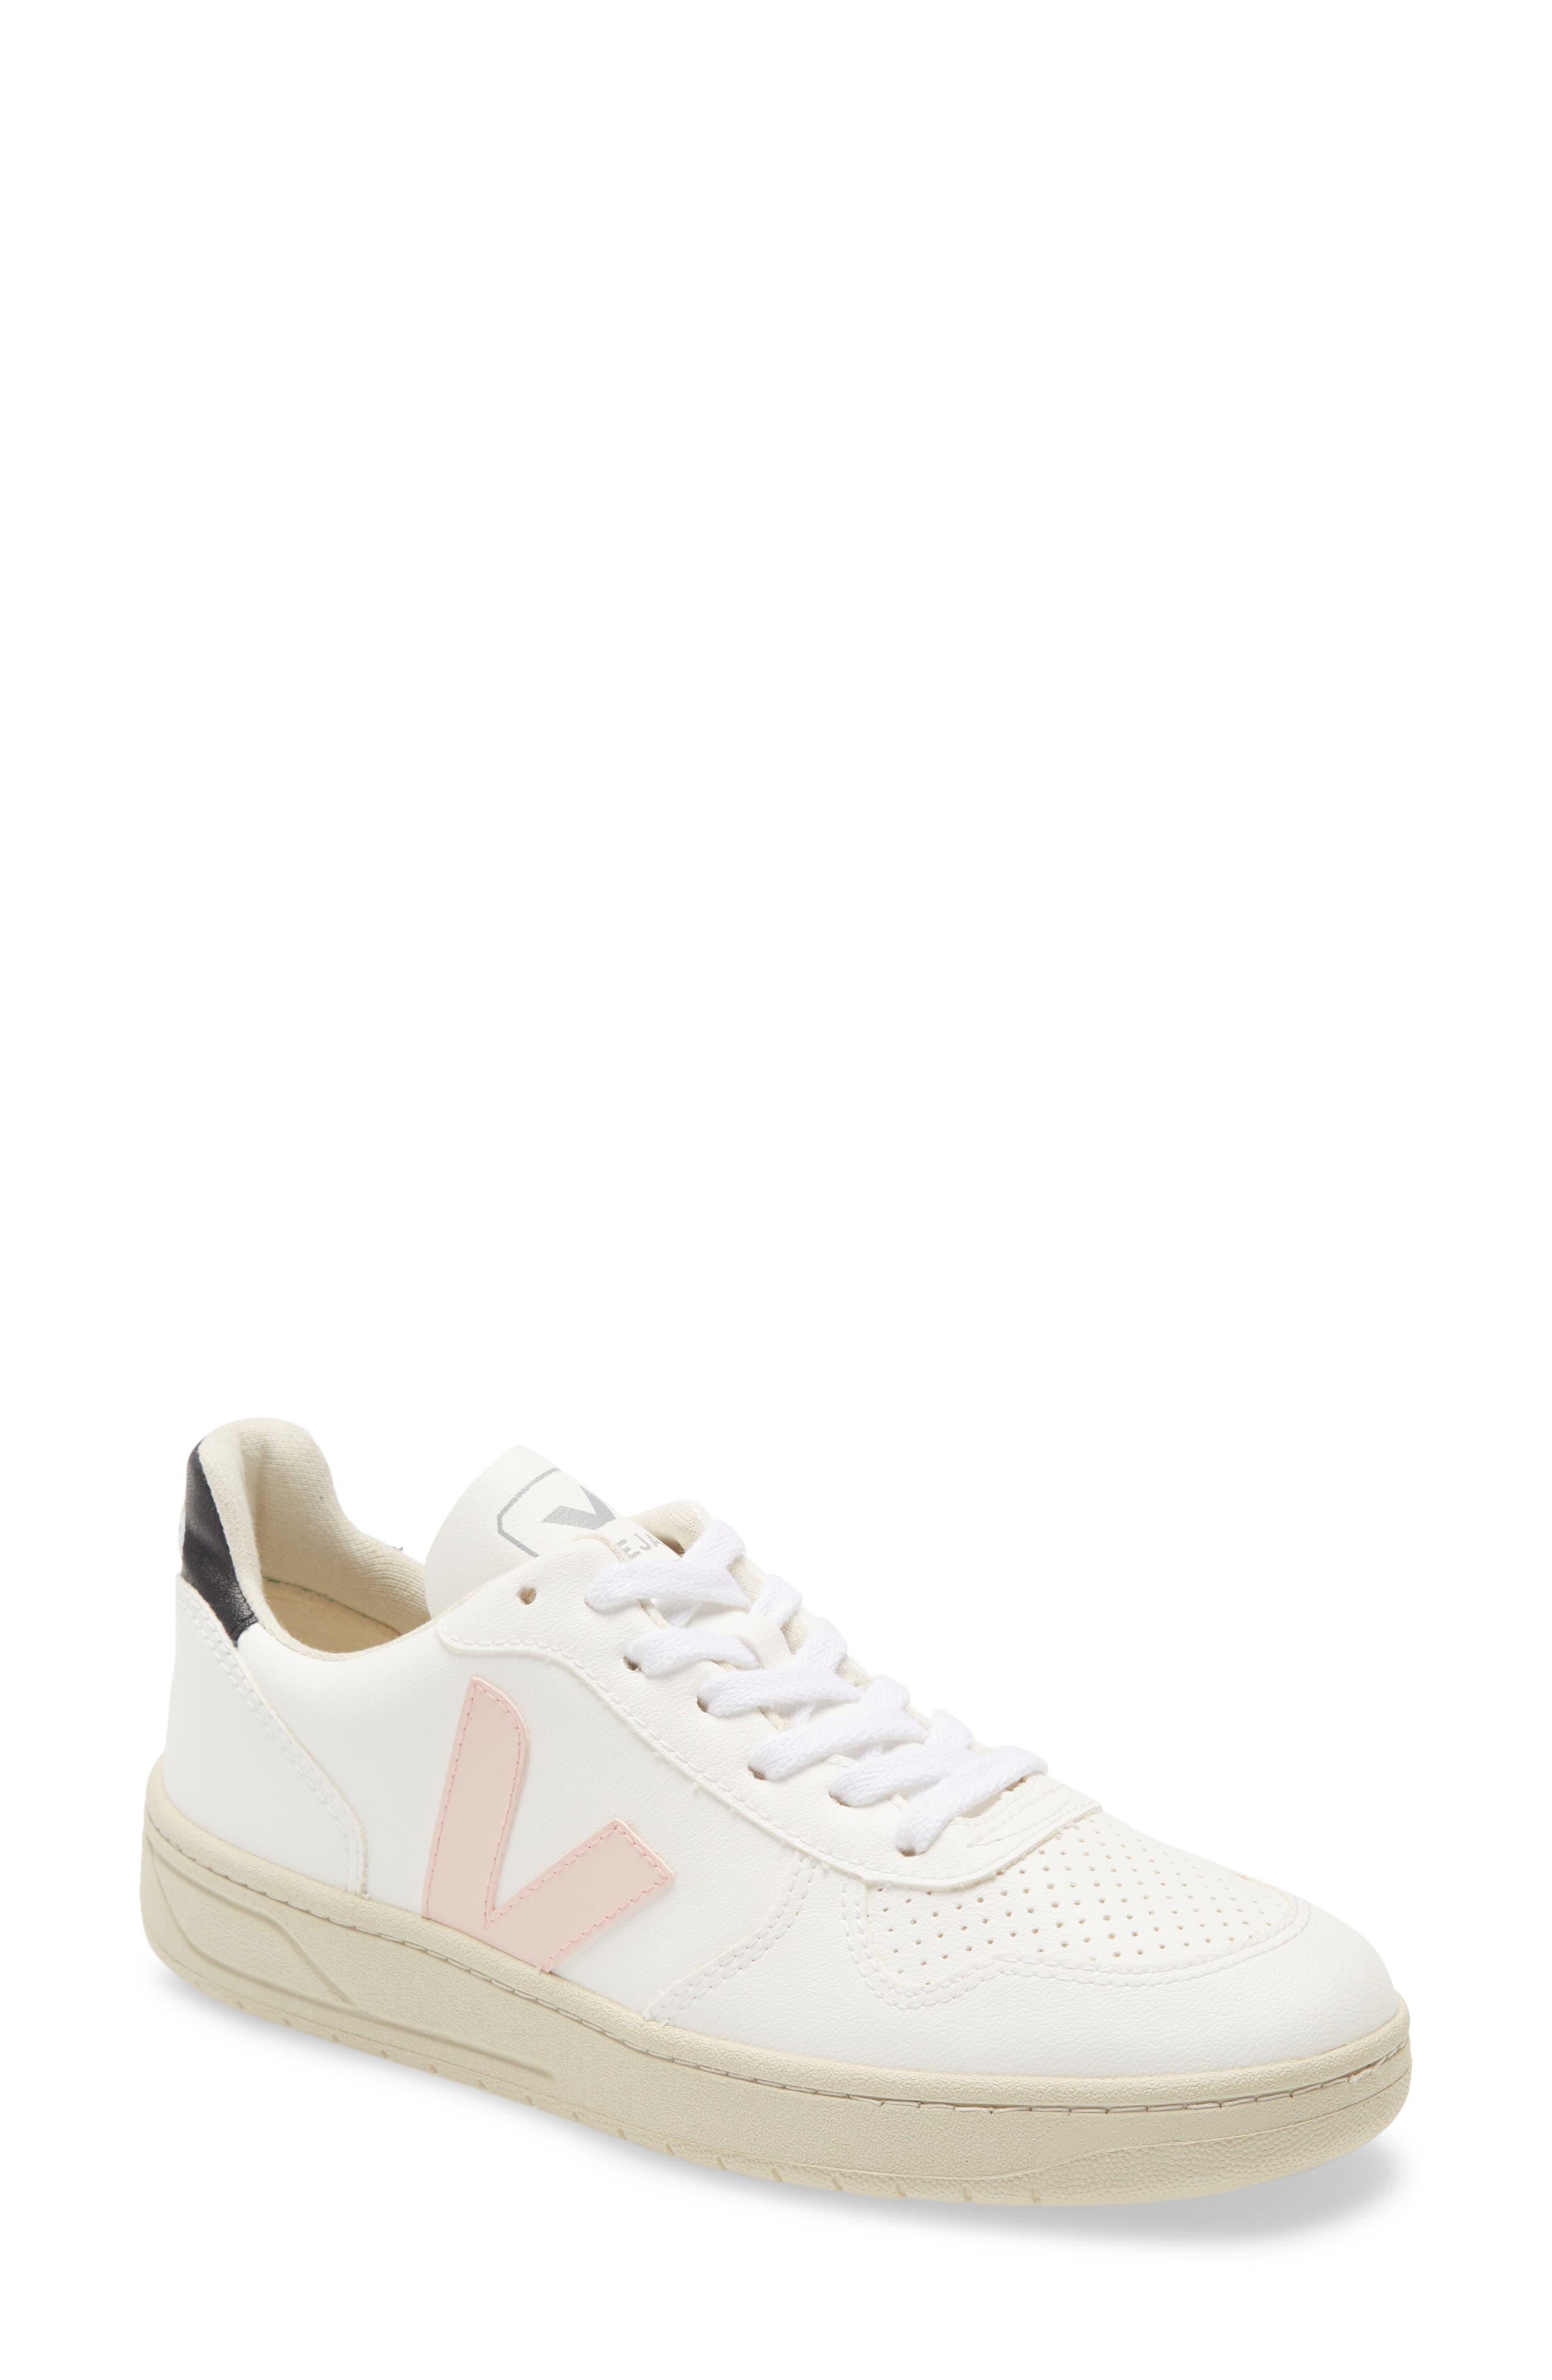 Women's Veja Shoes   Nordstrom